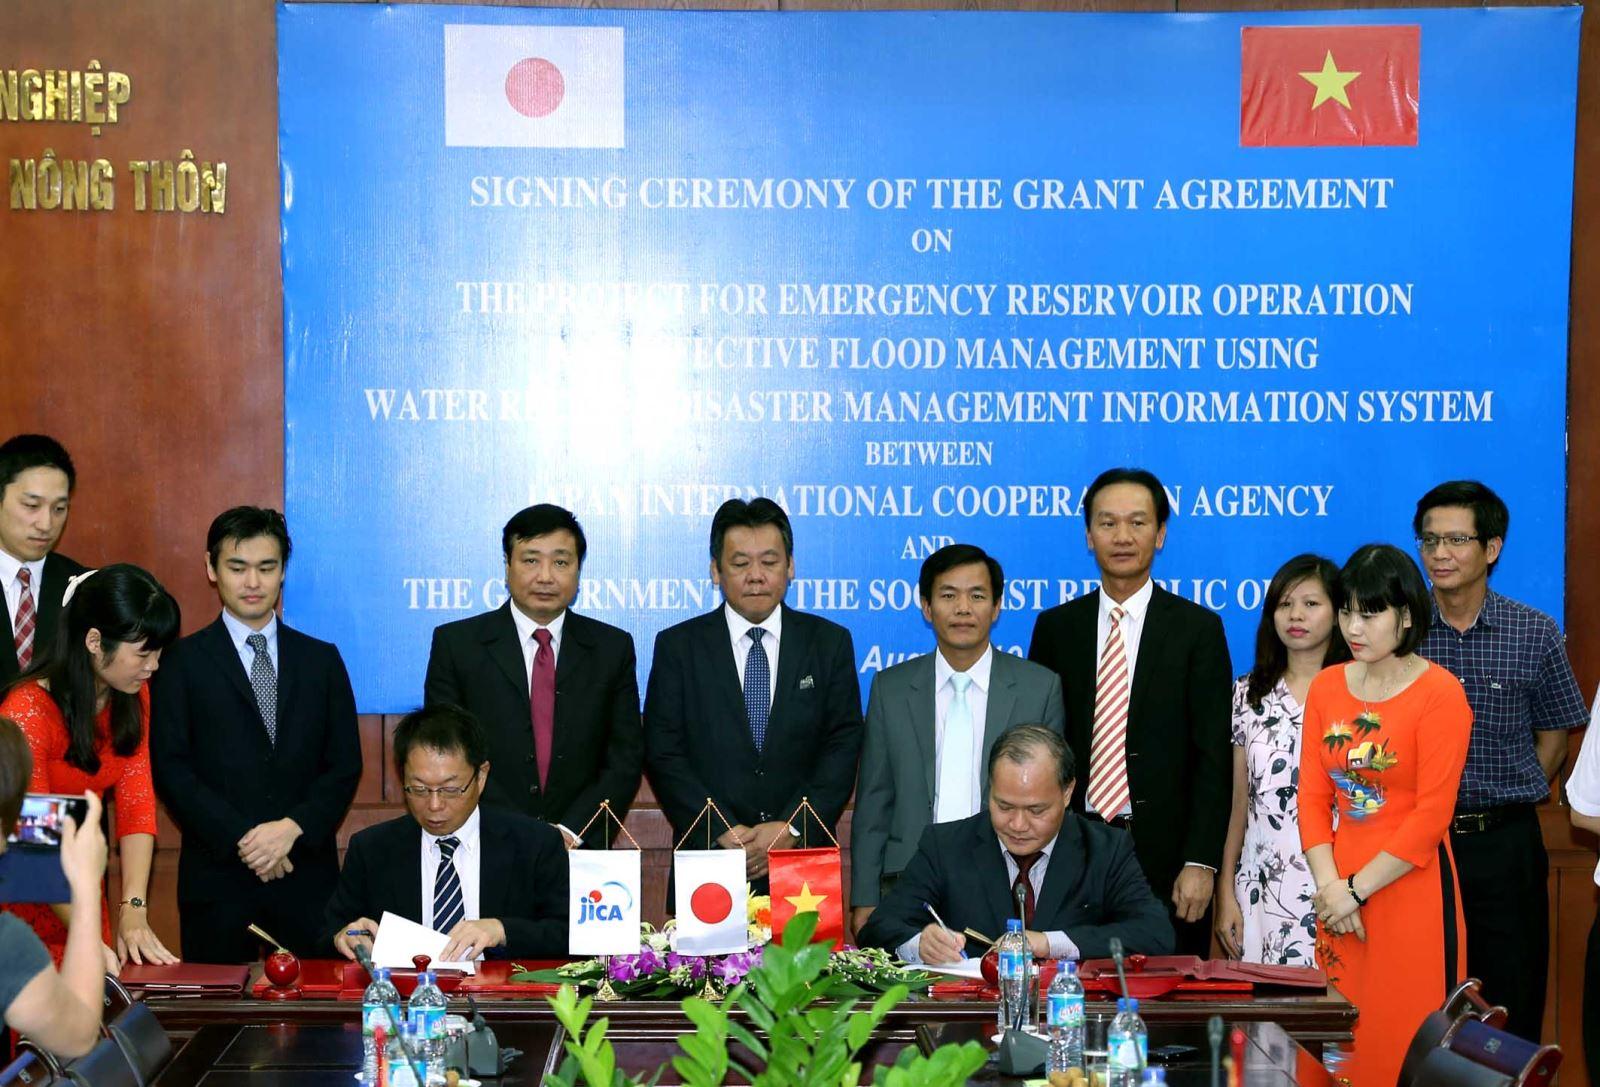 Lễ ký kết thỏa thuận Dự án Vận hành hồ chứa trong tình huống khẩn cấp và quản lý lũ hiệu quả